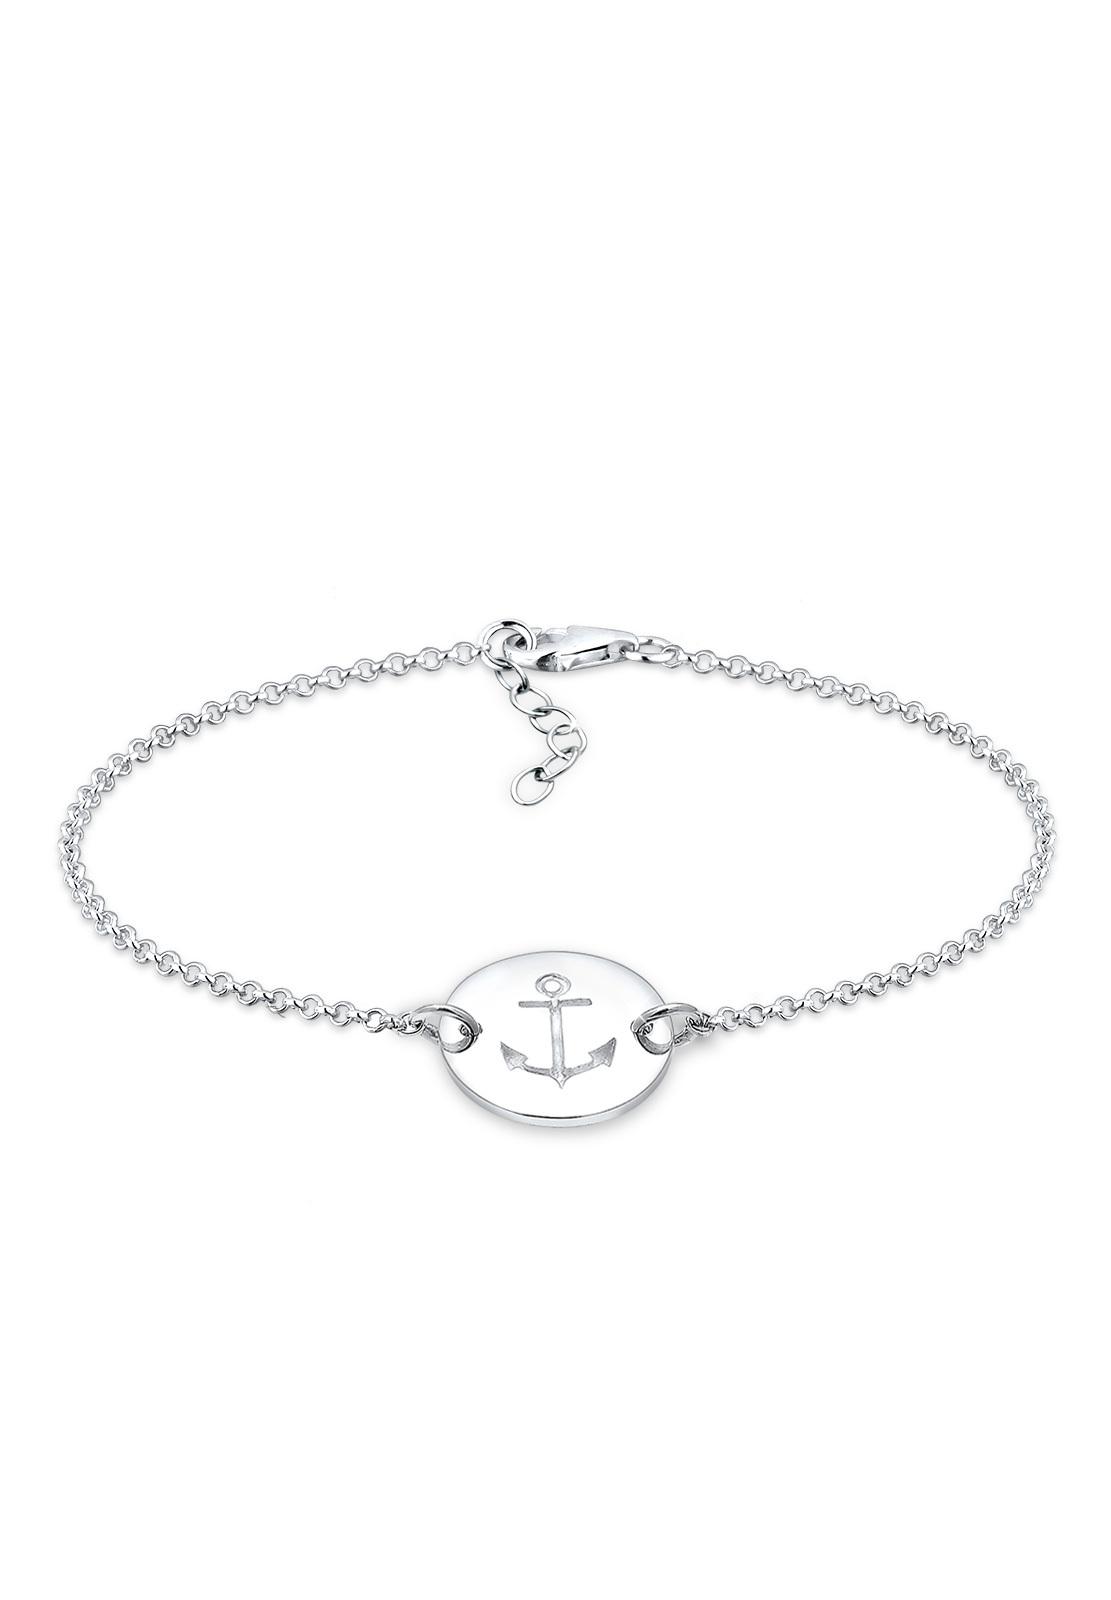 Armband Anker   925er Sterling Silber